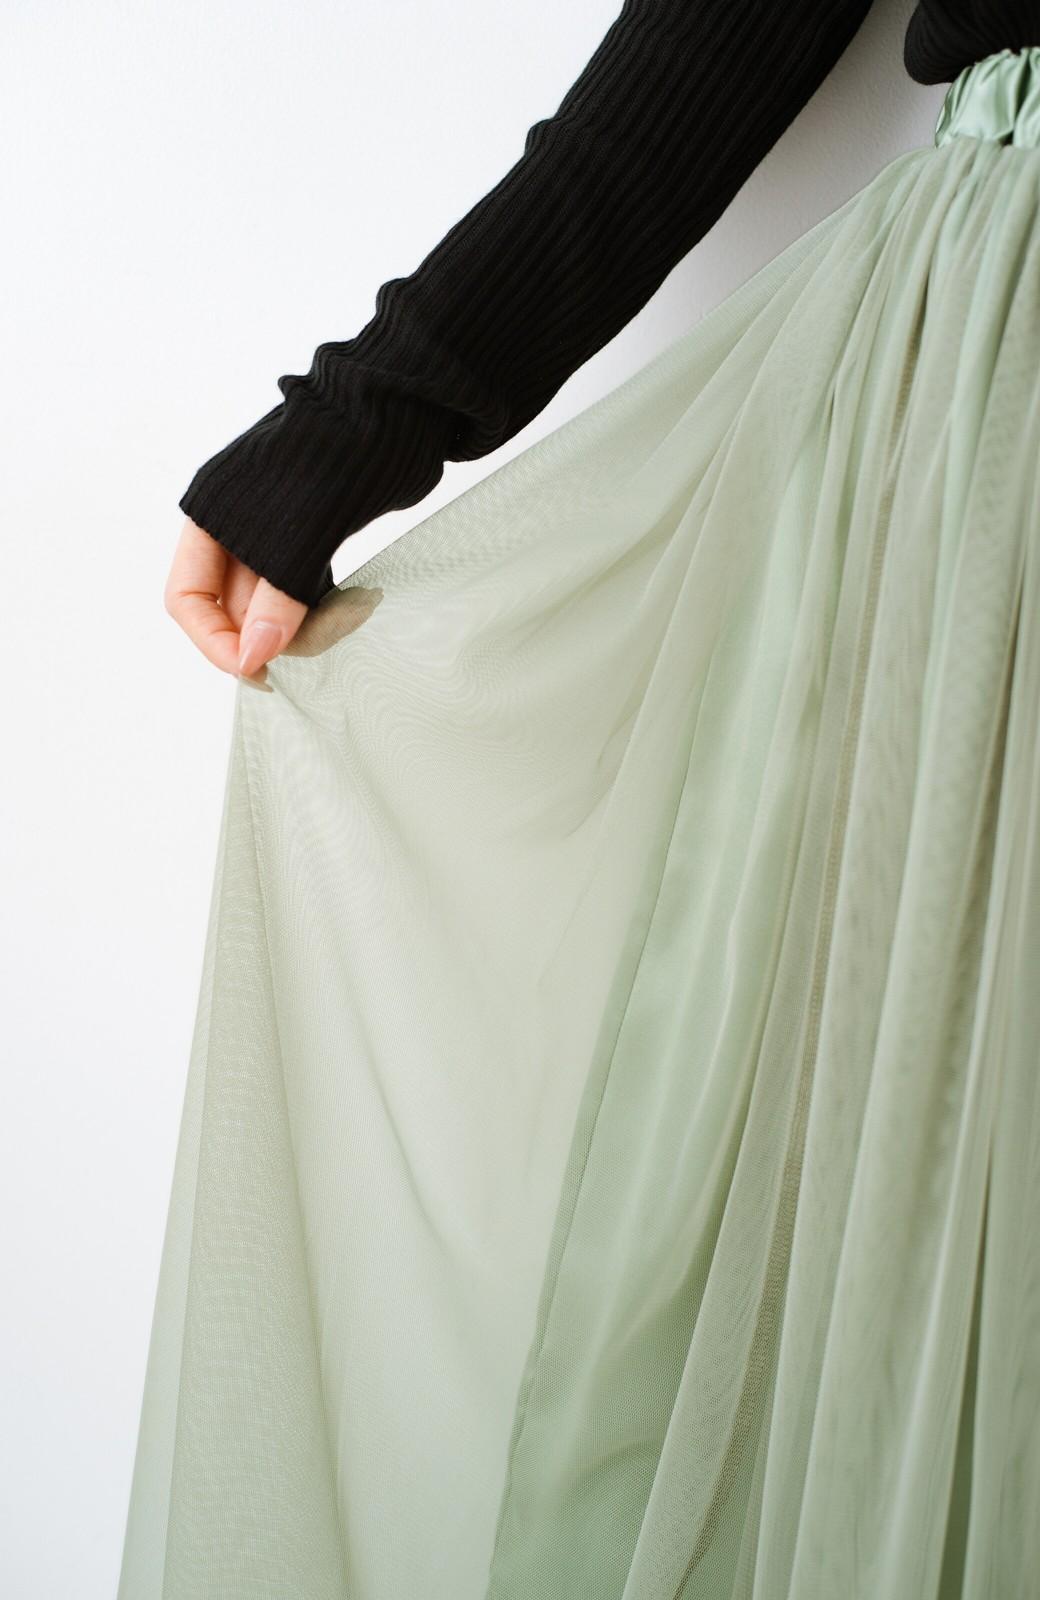 haco! 着るだけでルンとした気分になる! 長ーーい季節着られてずっと使えるオトナのためのチュールスカート <グリーン>の商品写真6